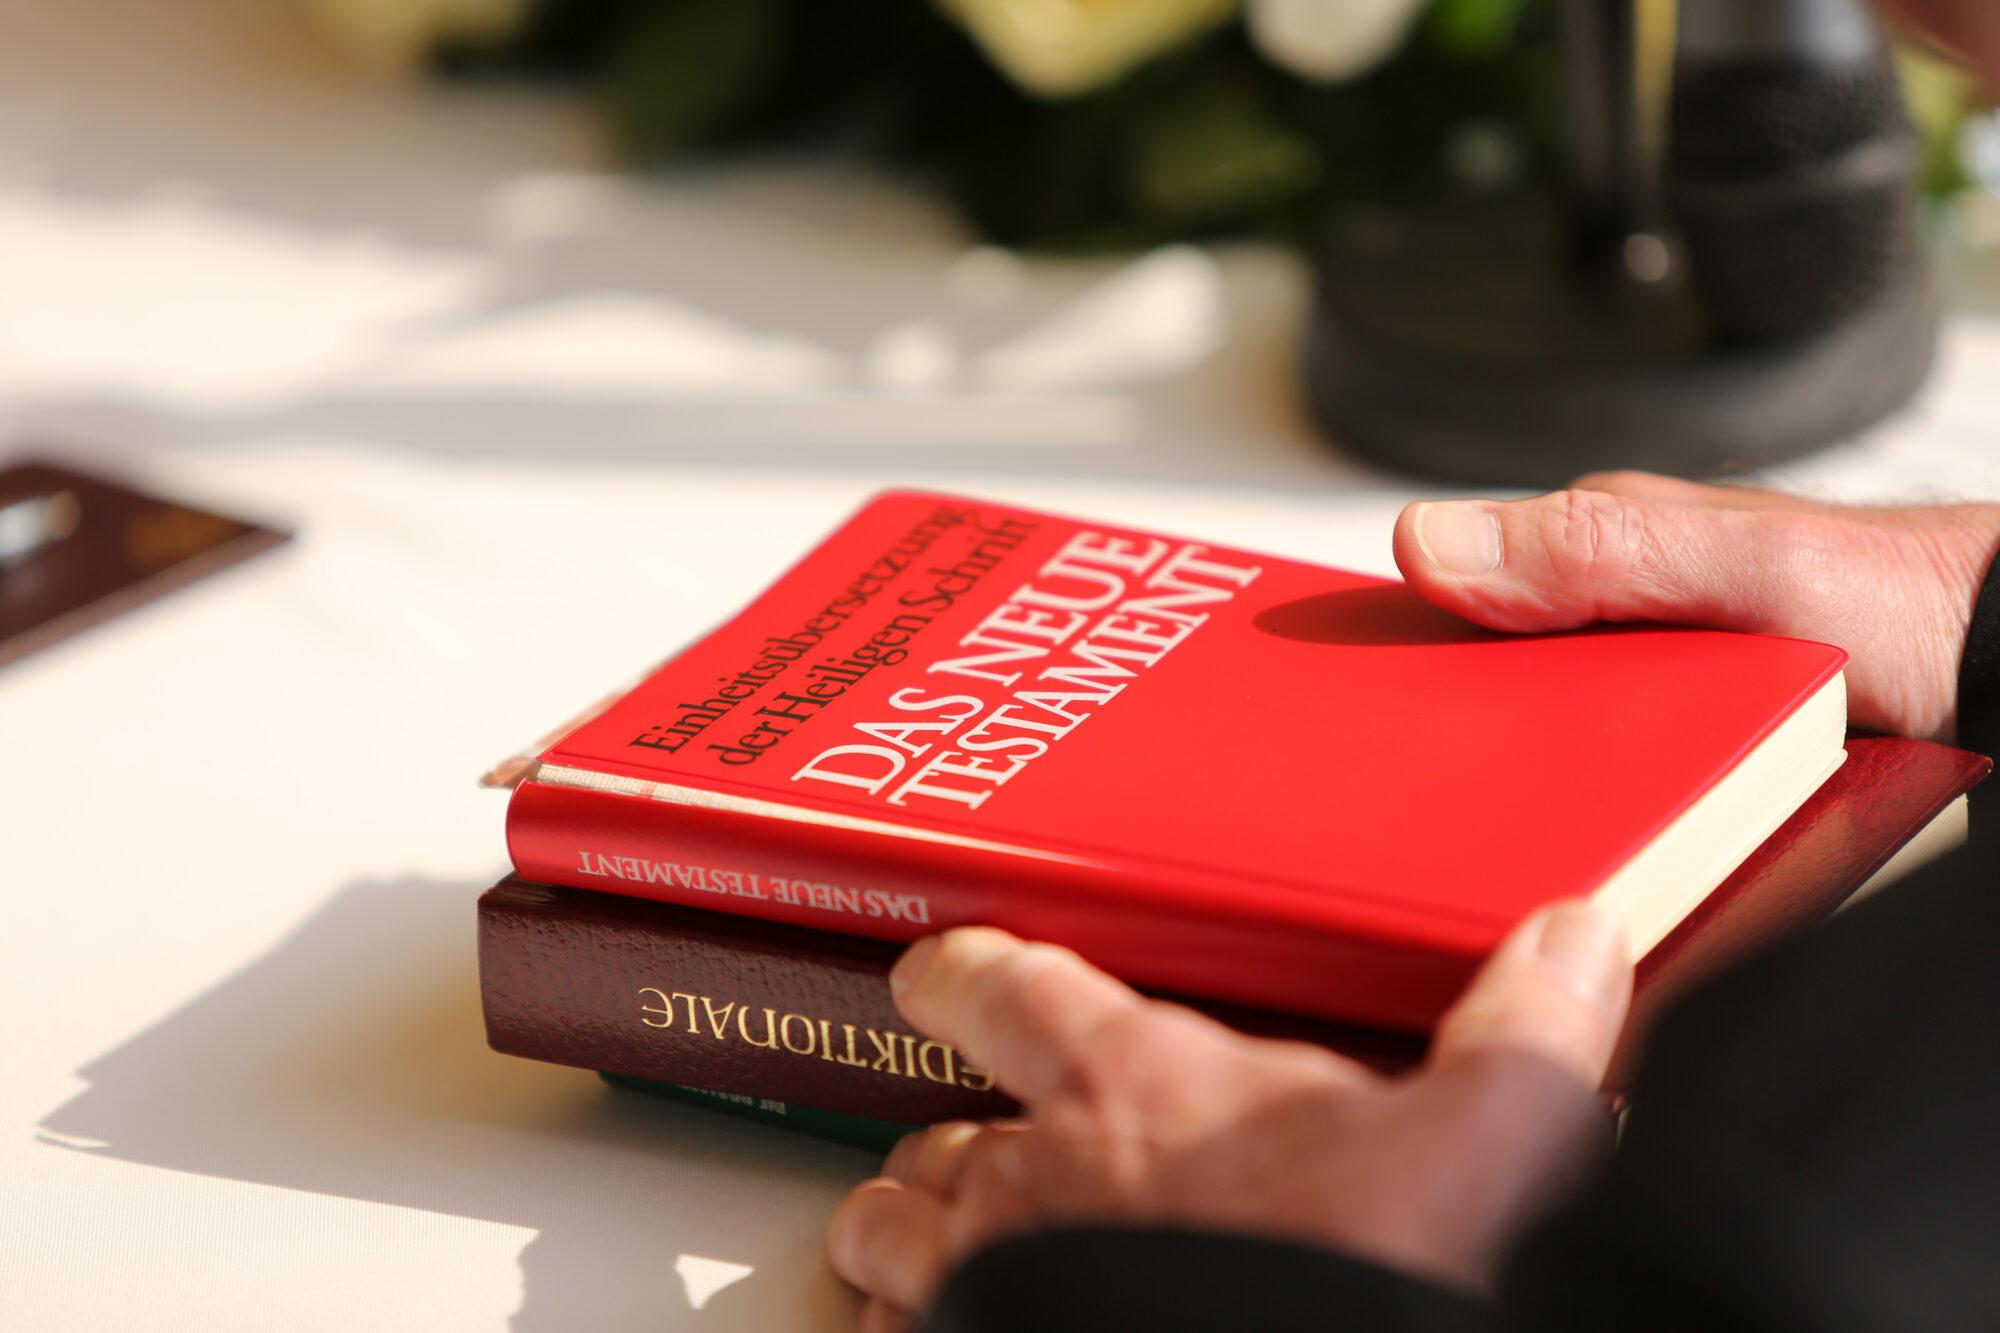 Forderung mehrerer Bremer Pastoren – Olaf Latzel soll seinen Dienst wieder aufnehmen